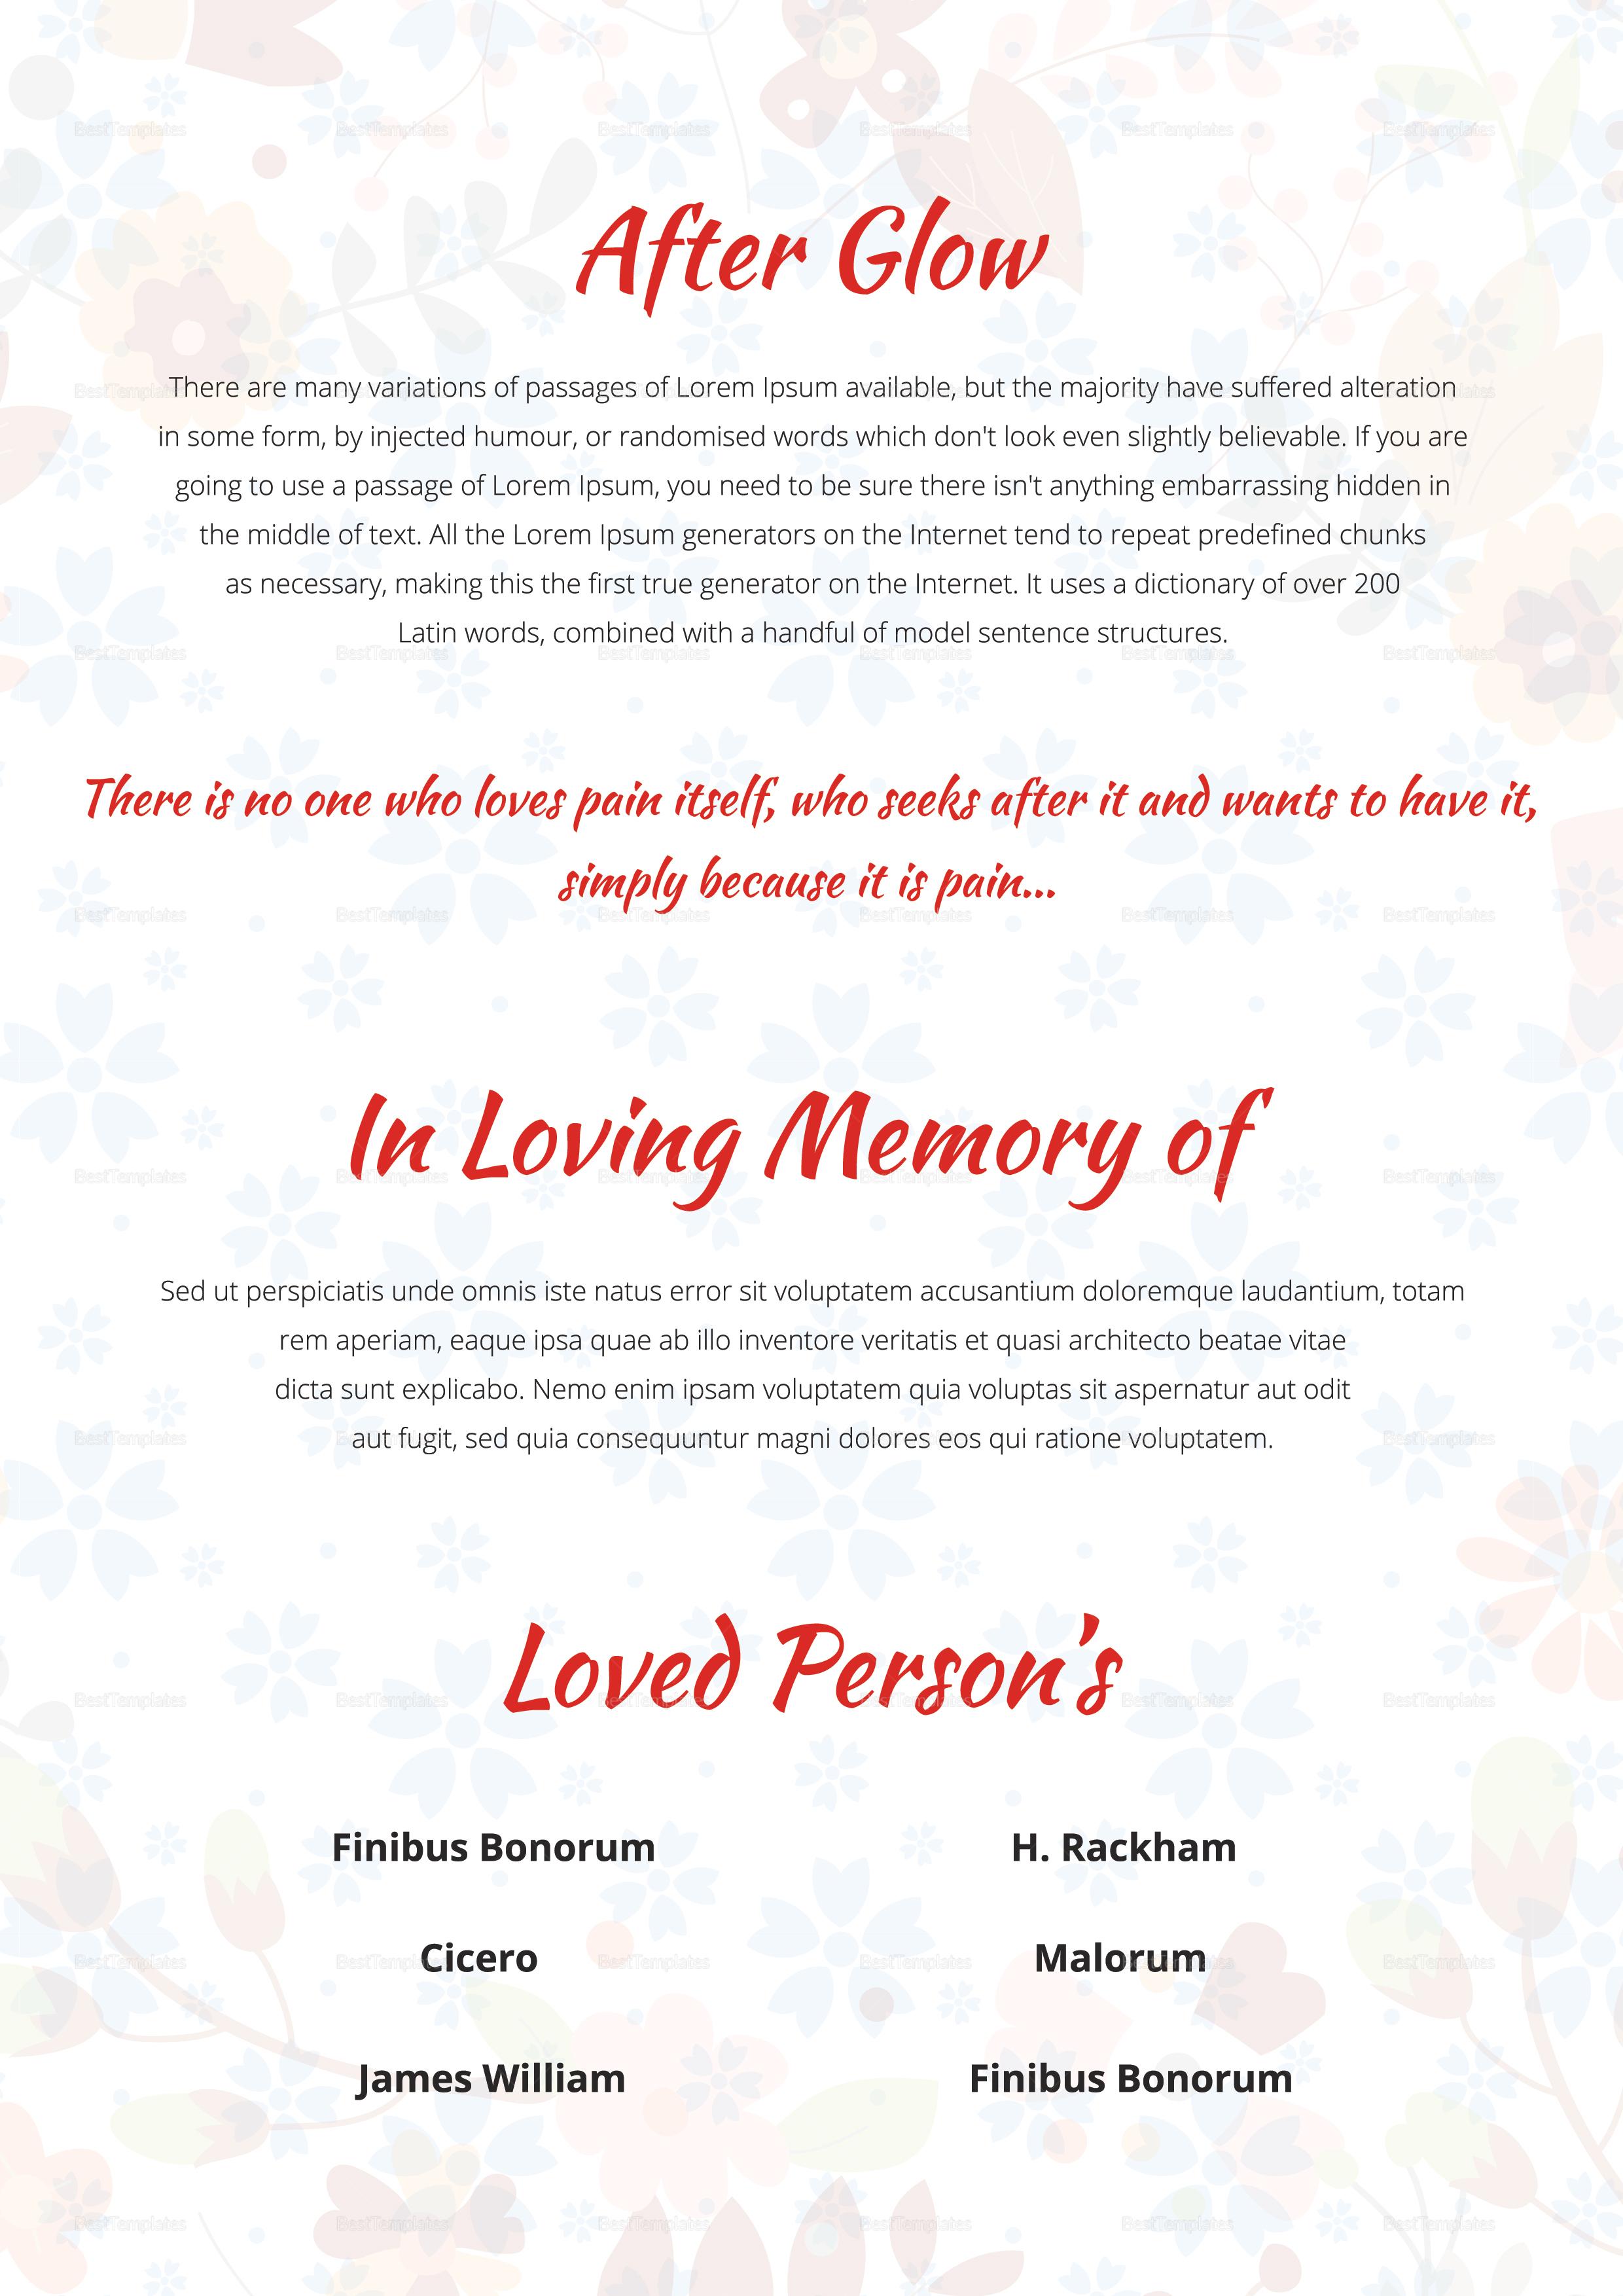 Creative Funeral Memorial